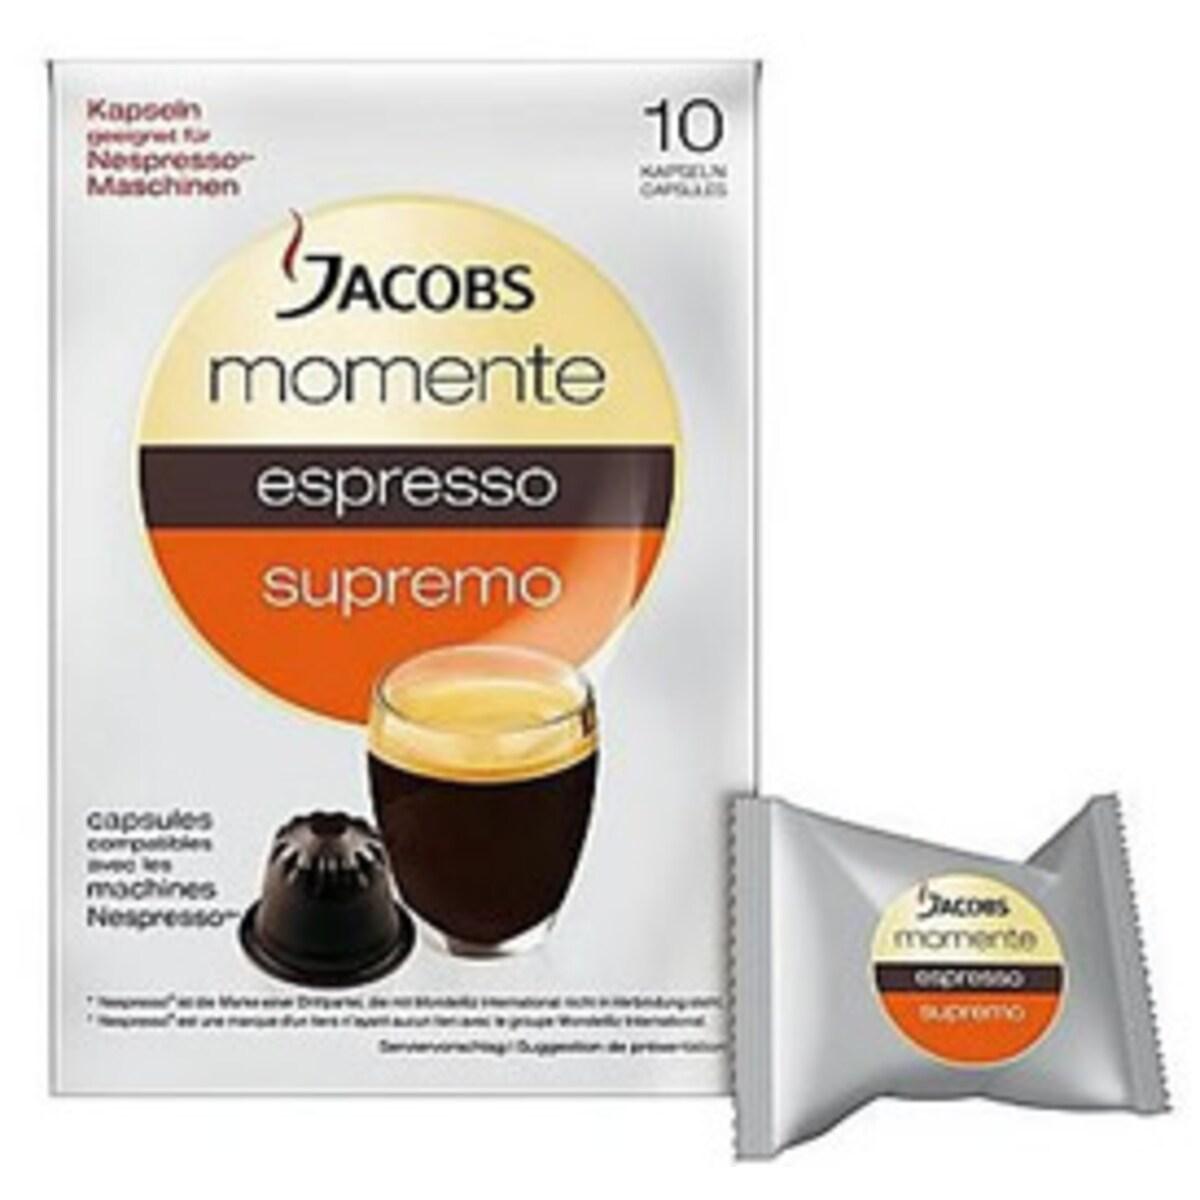 Jacobs Espresso Supremo